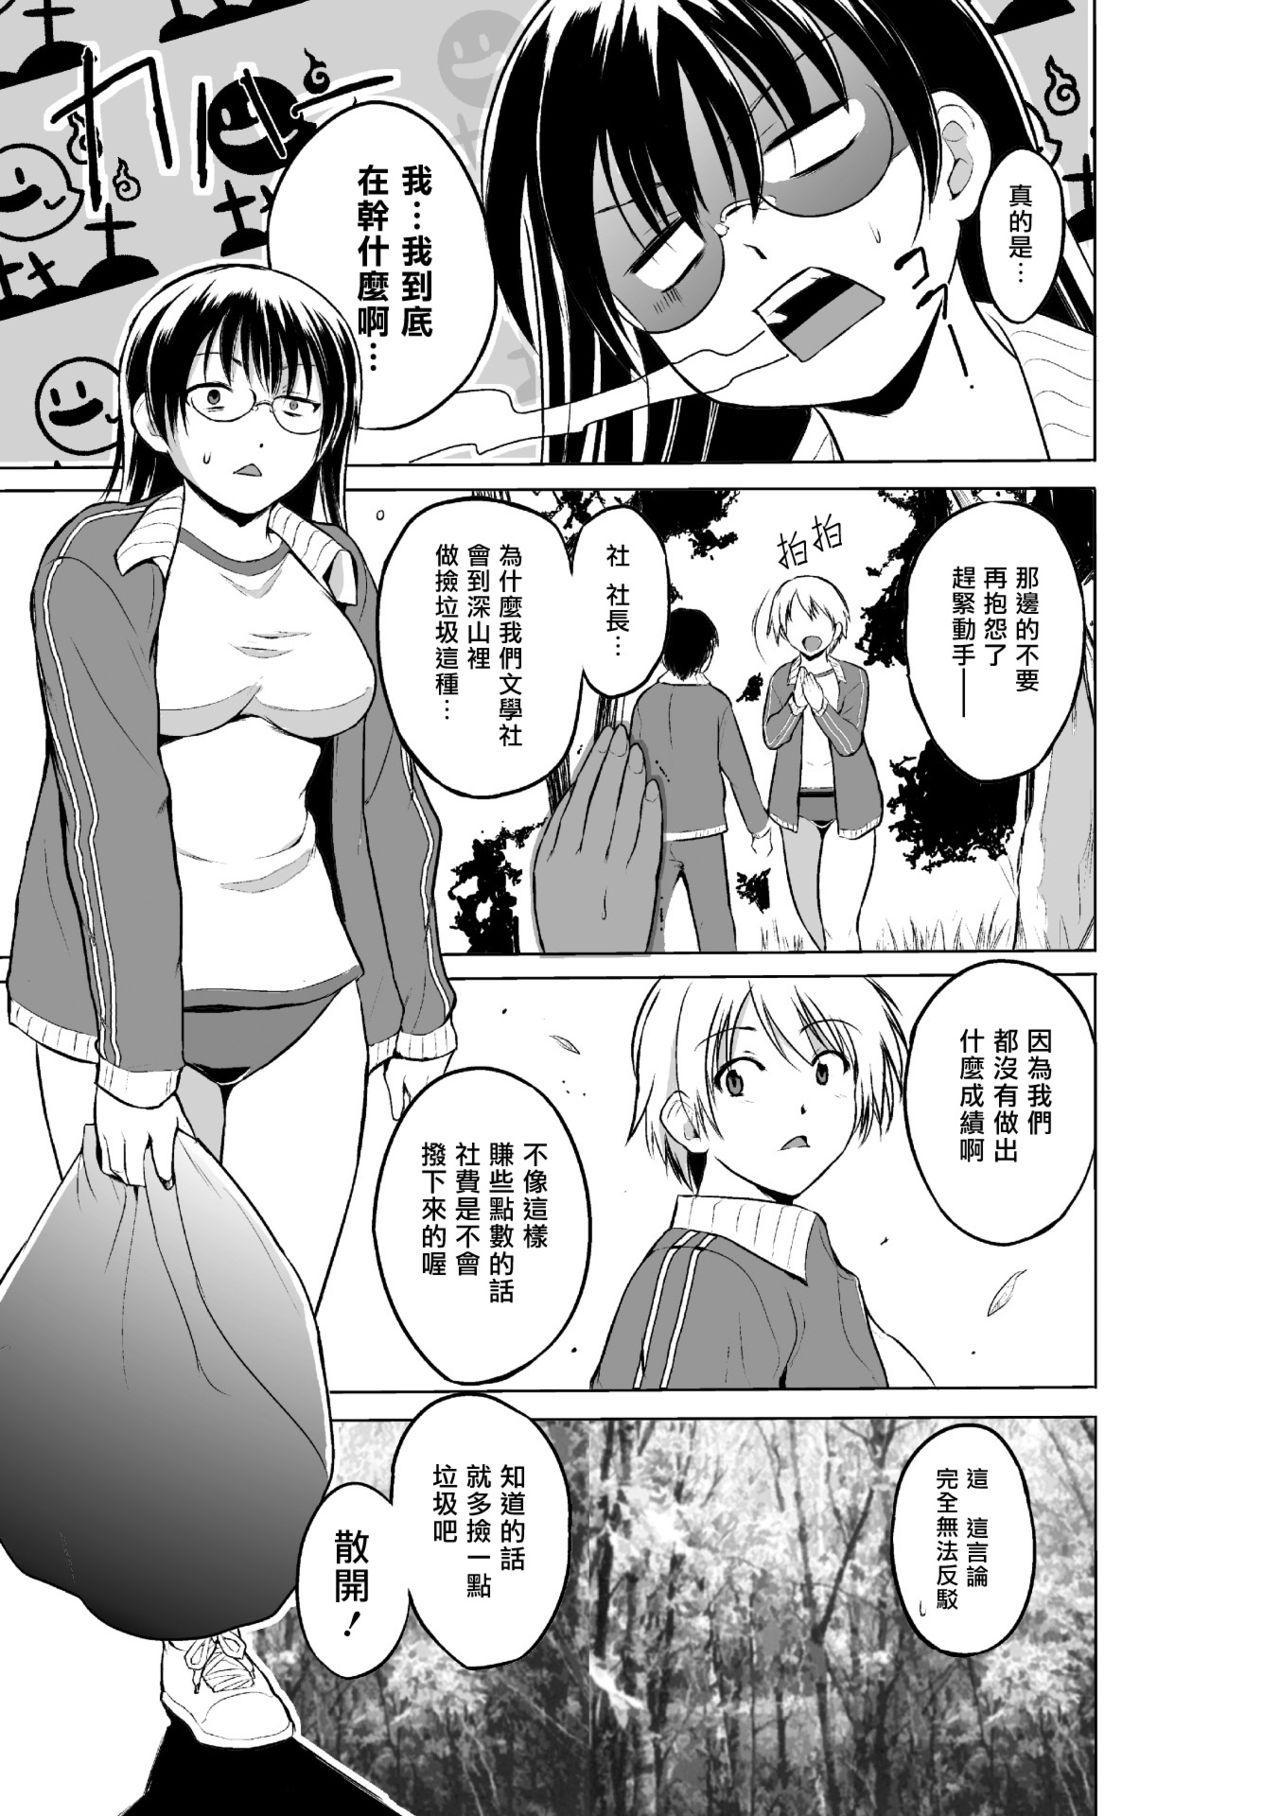 Mushi Yuugi 2 Ch. 1 6